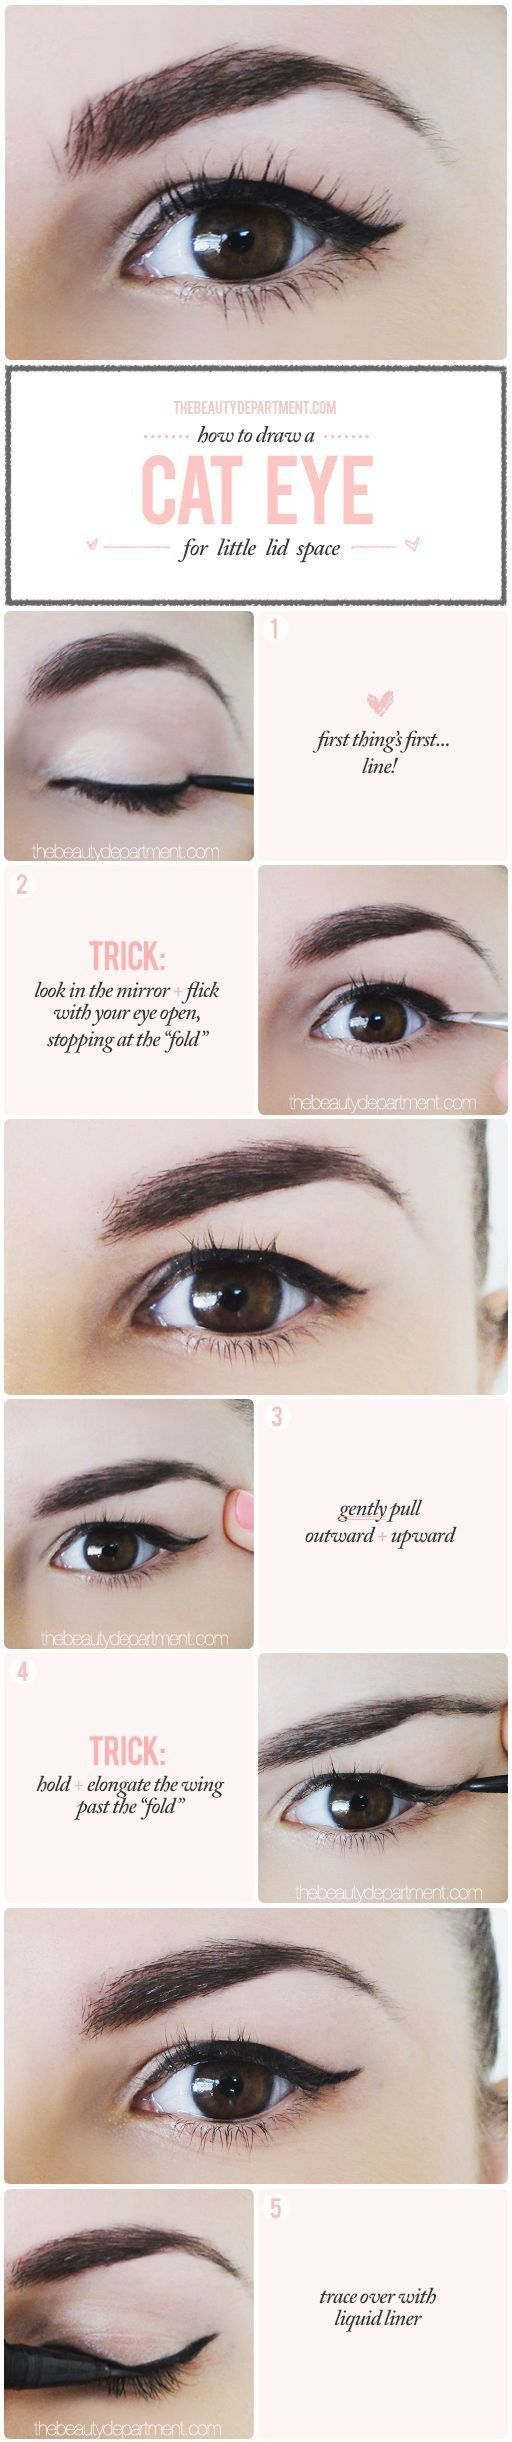 best nails u makeup images on pinterest make up looks